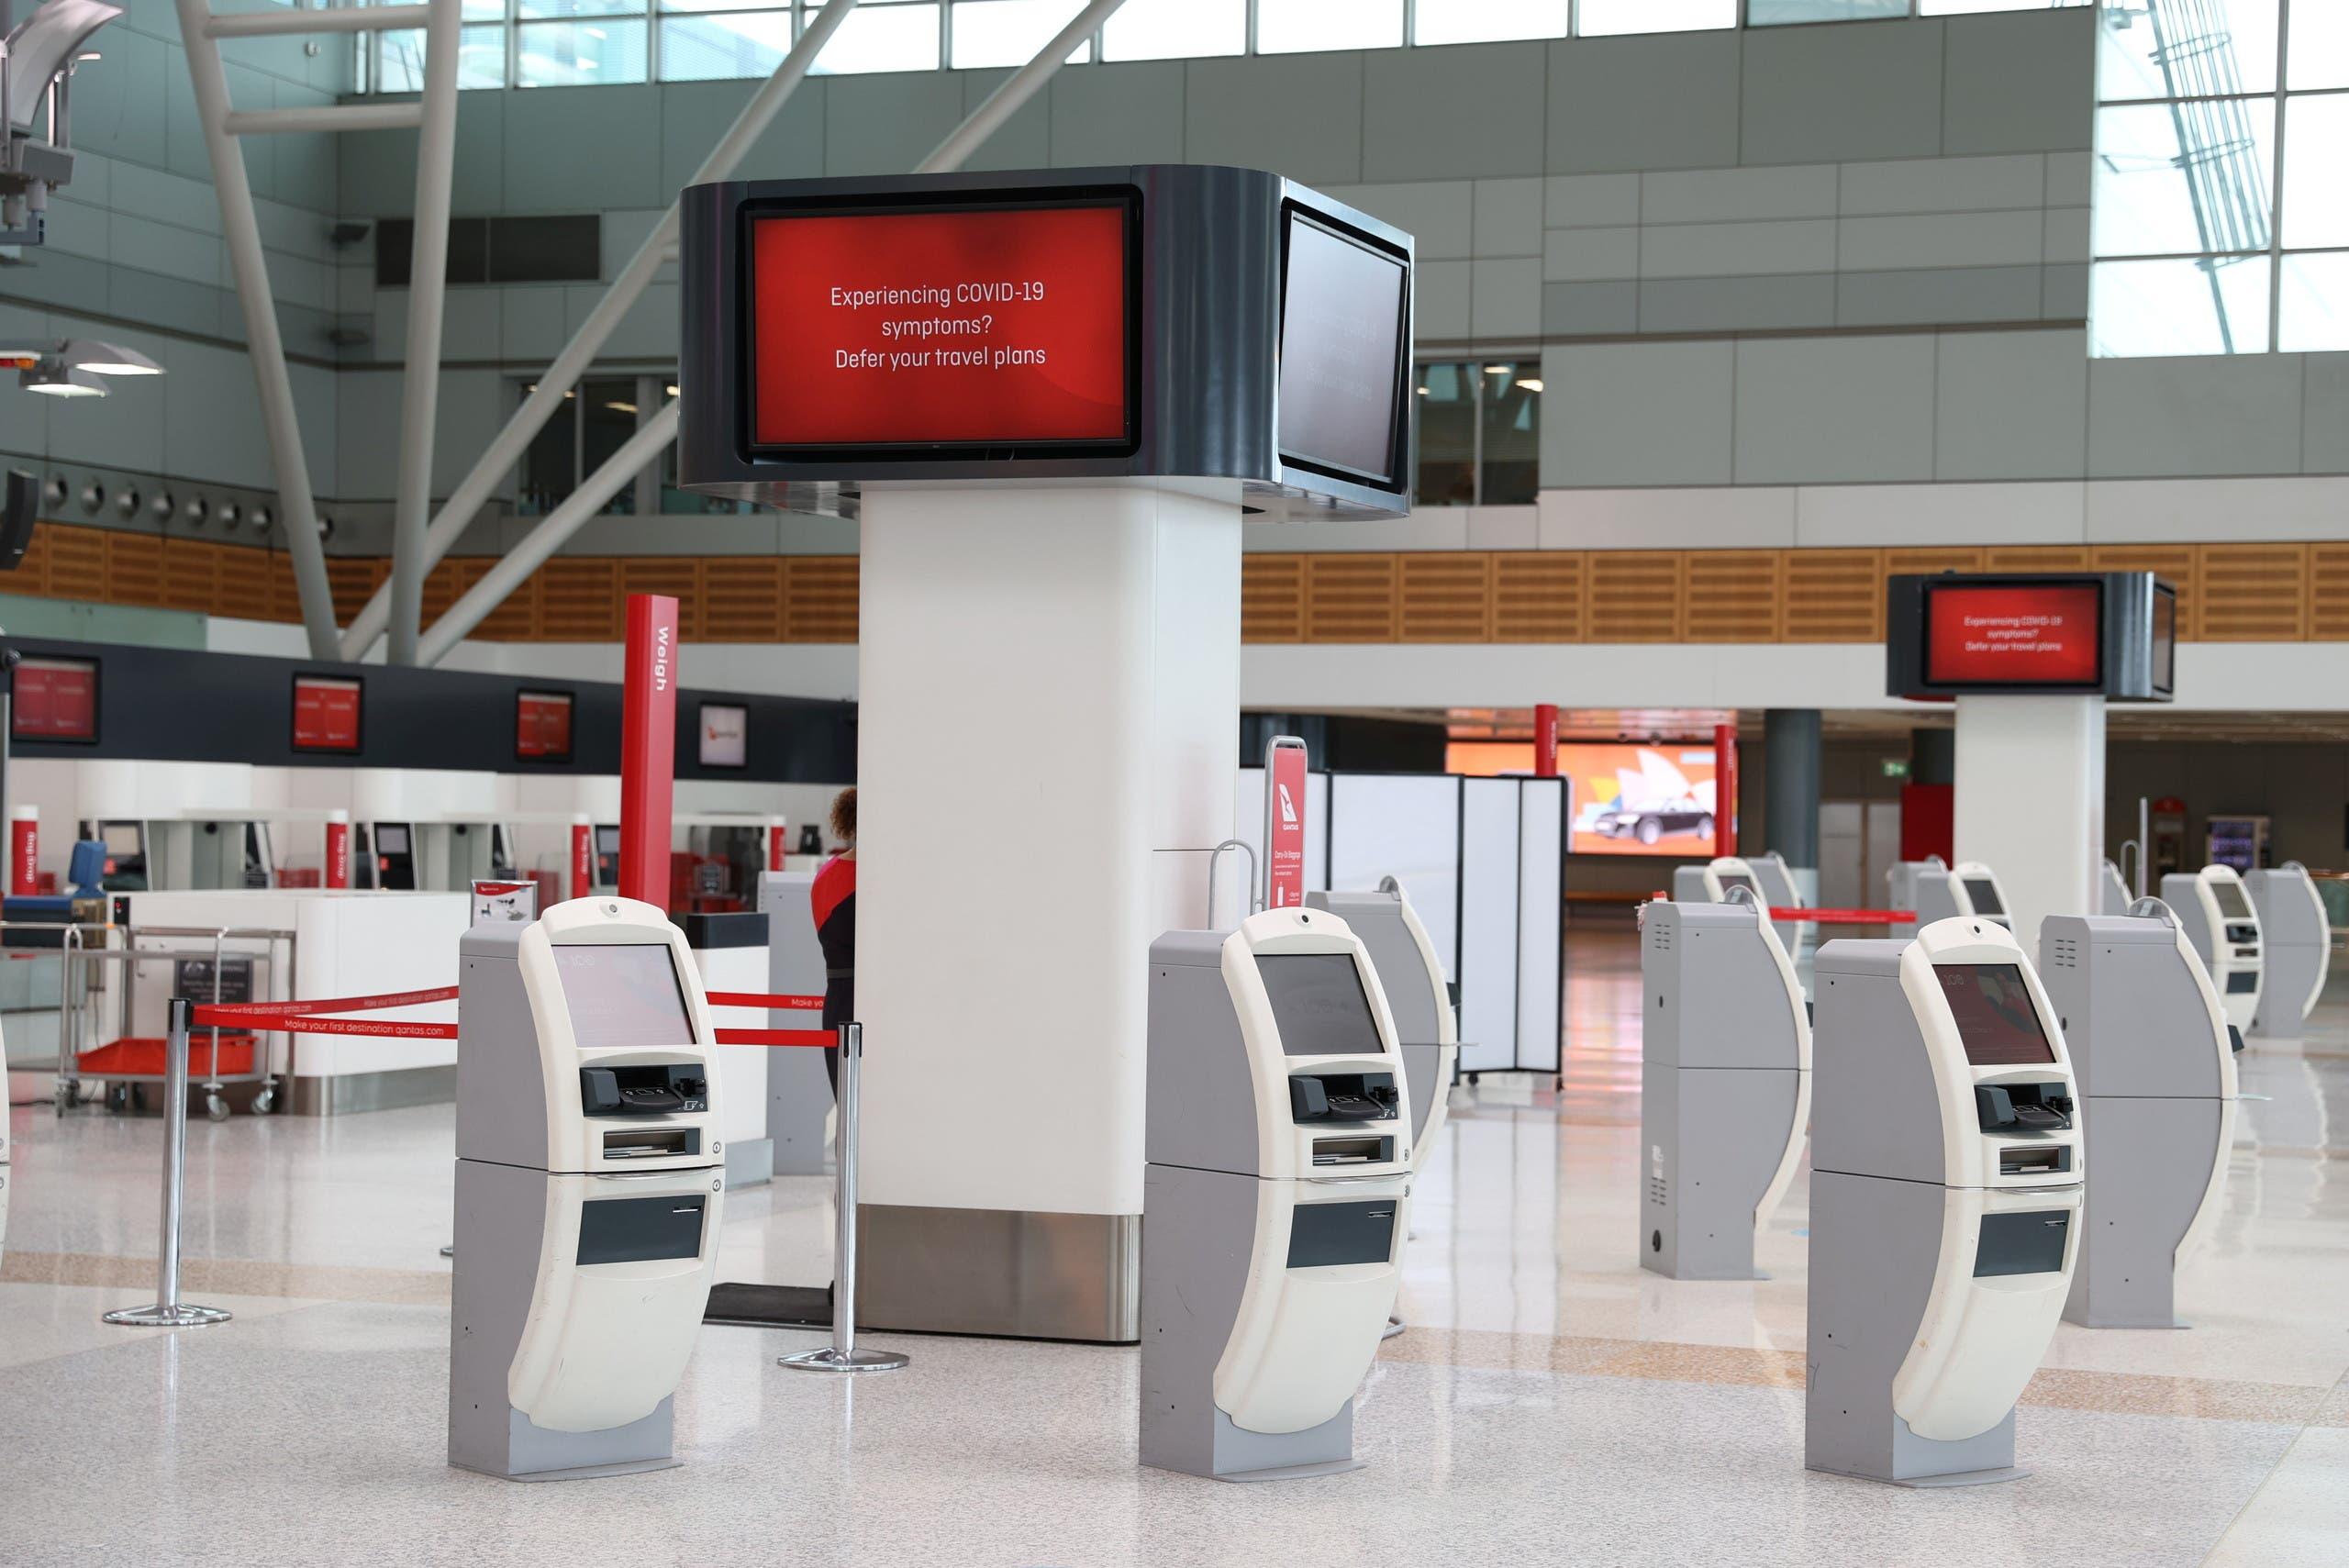 هدوء في مطار سيدني وسط غياب المسافرين